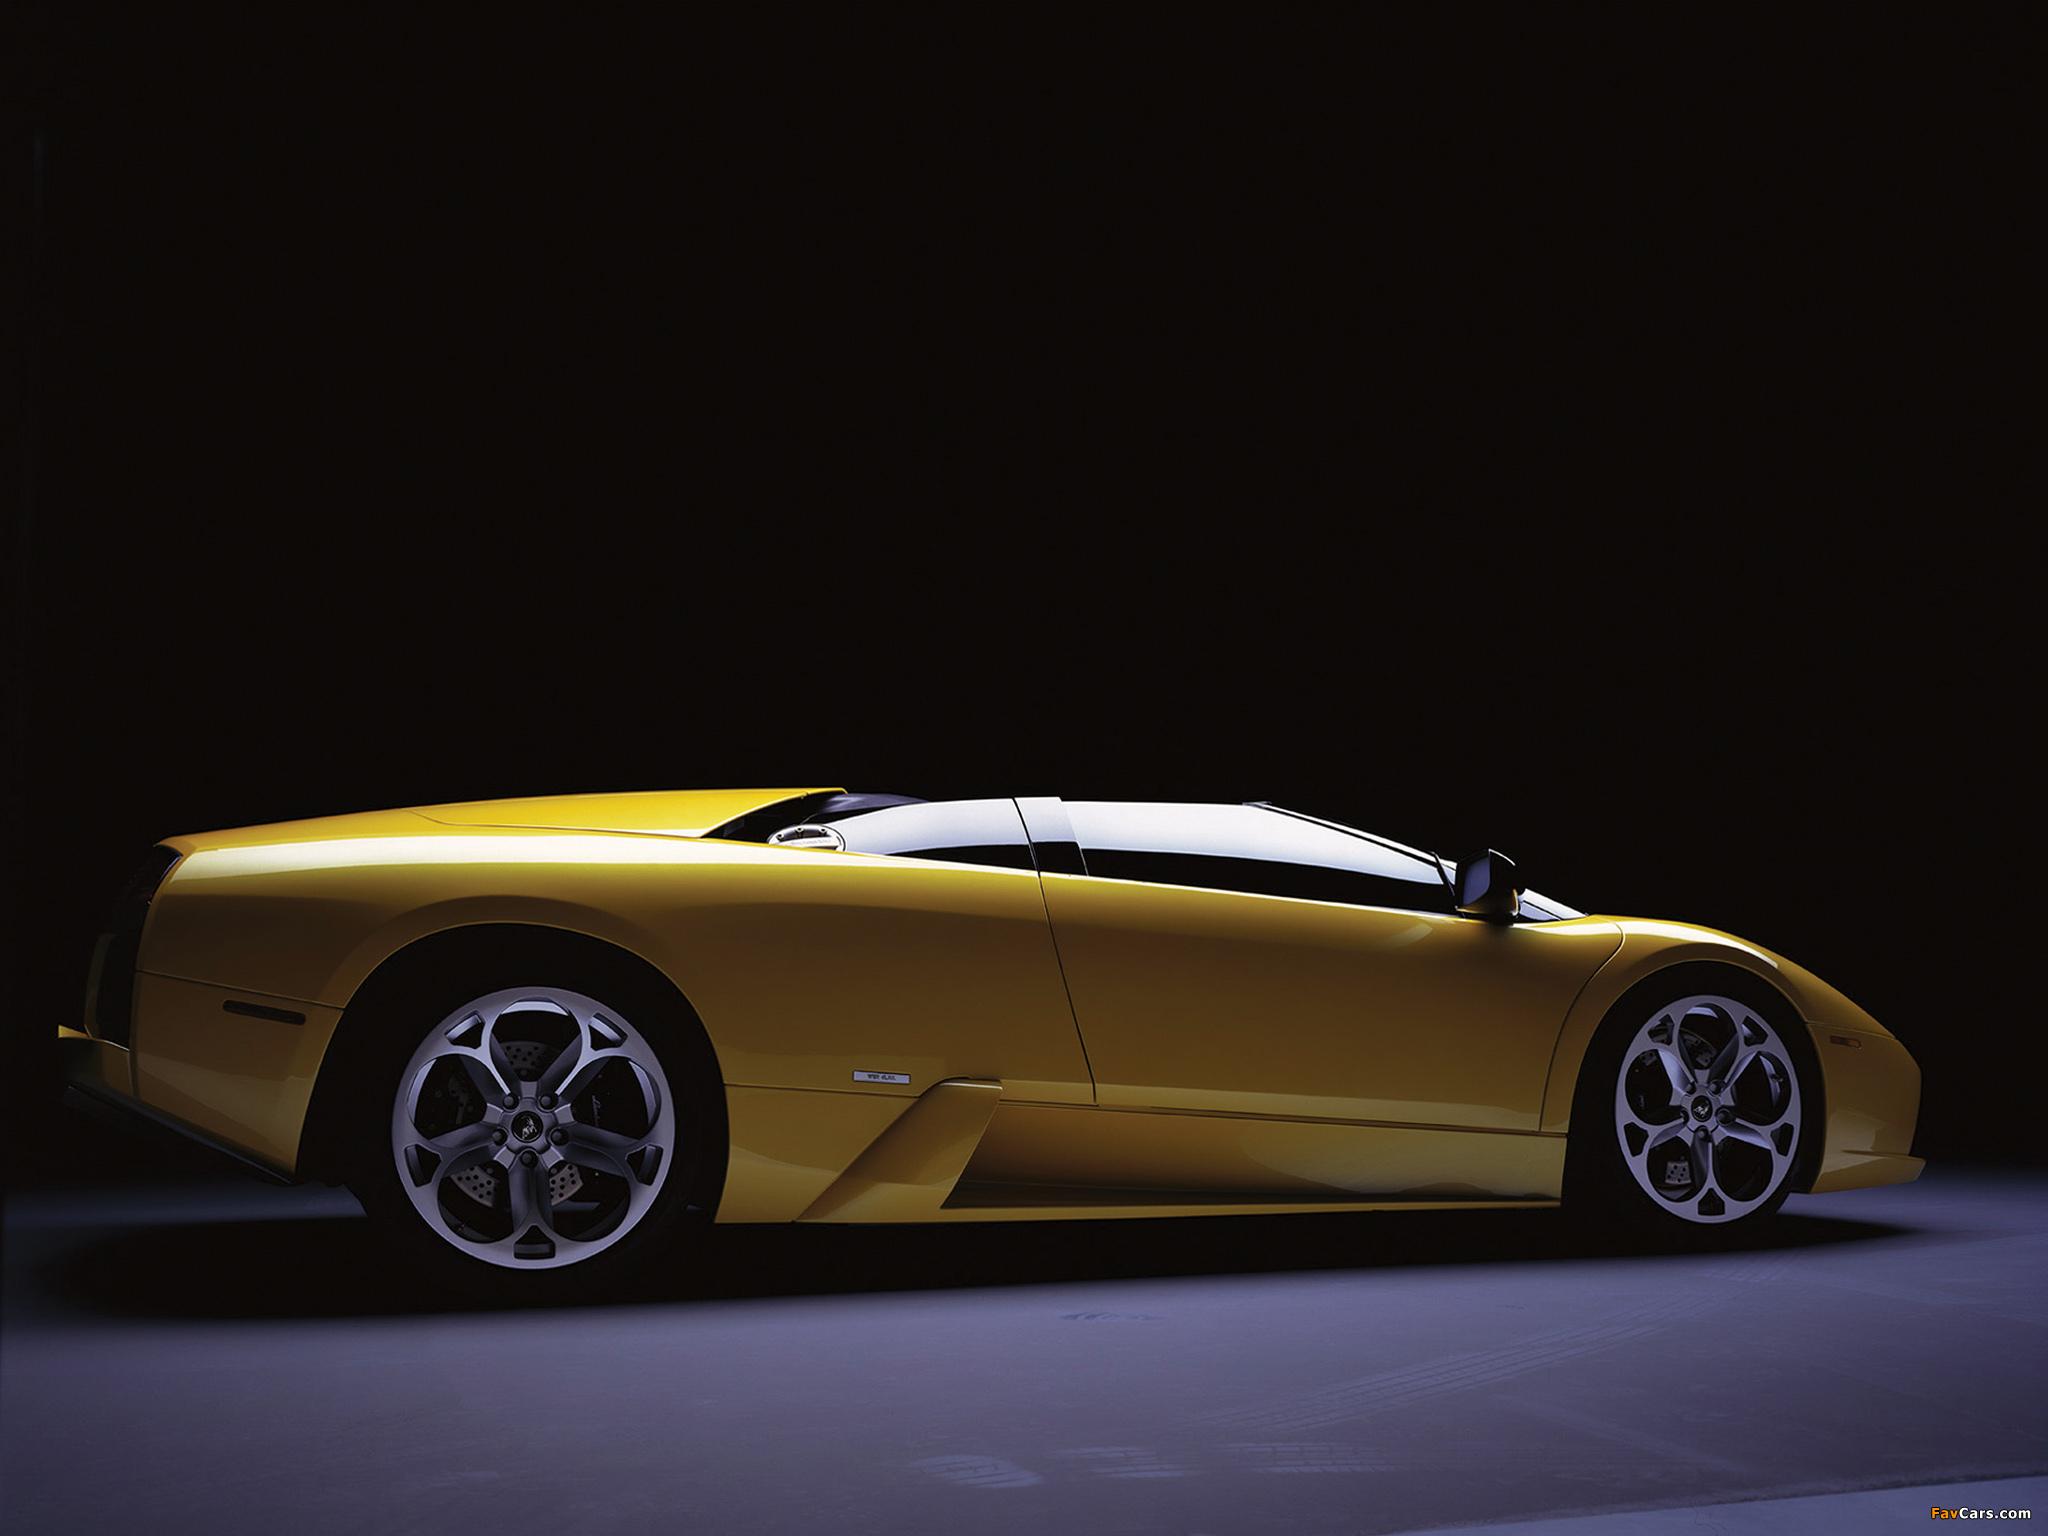 Lamborghini Murcielago Barchetta Concept 2002 pictures (2048 x 1536)